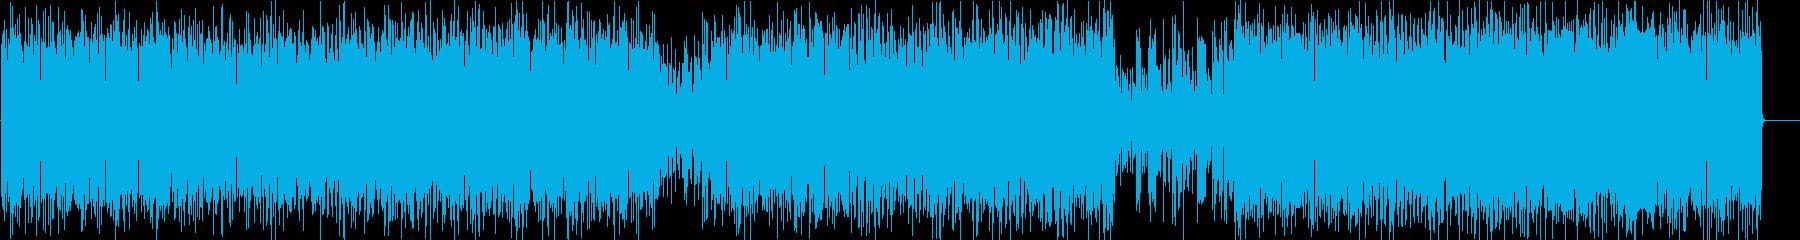 リゾート 陽ざし 青空 ラテンの再生済みの波形